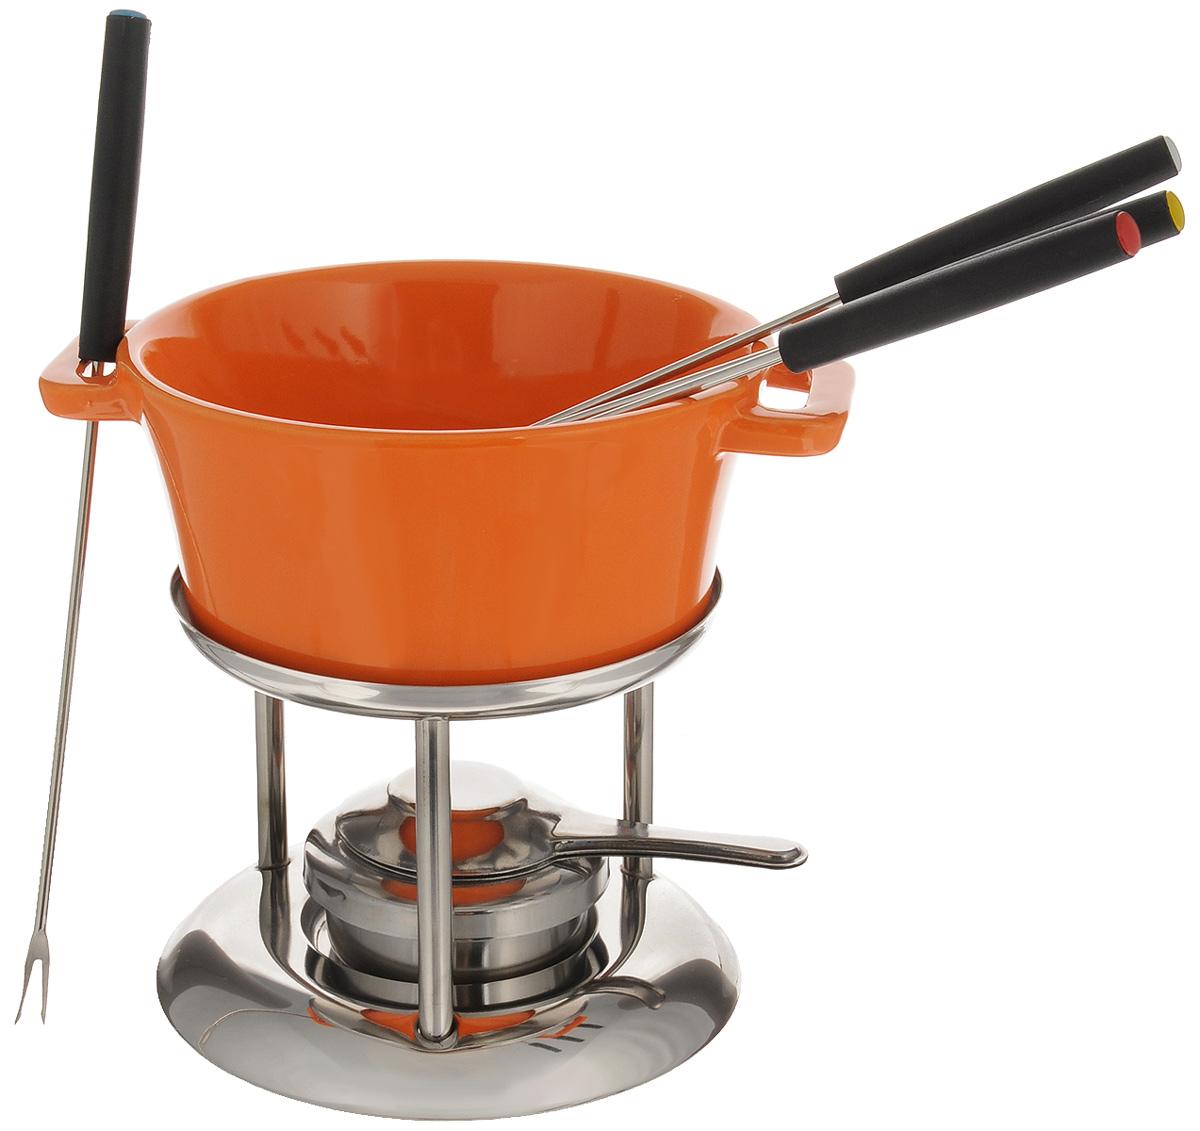 Набор для фондю Mayer & Boch, цвет: оранжевый, стальной, 7 предметов21642_оранжевый, стальнойНабор для фондю Mayer & Boch имеет красивый и современный дизайн. Он прекрасно будет смотреться на столе и придаст вашему празднику, коктейльной вечеринке или интимному ужину праздничное настроение. Этот универсальный набор позволит каждому из ваших гостей насладиться тем продуктом, который им нравится больше всего, а также каждому предоставит возможность побыть своим личным шеф-поваром. Вы получите огромное удовольствие при приготовлении продуктов с помощью набора для фондю в любое время. Состав набора: Чаша. Подставка. 4 вилки. Стойка с подсвечником. Объем чаши: 600 мл. Диаметр чаши (по верхнему краю): 15 см. Высота чаши: 7 см. Длина вилок: 23 см. Диаметр подставки: 14,5 см. Высота подставки: 10,5 см.